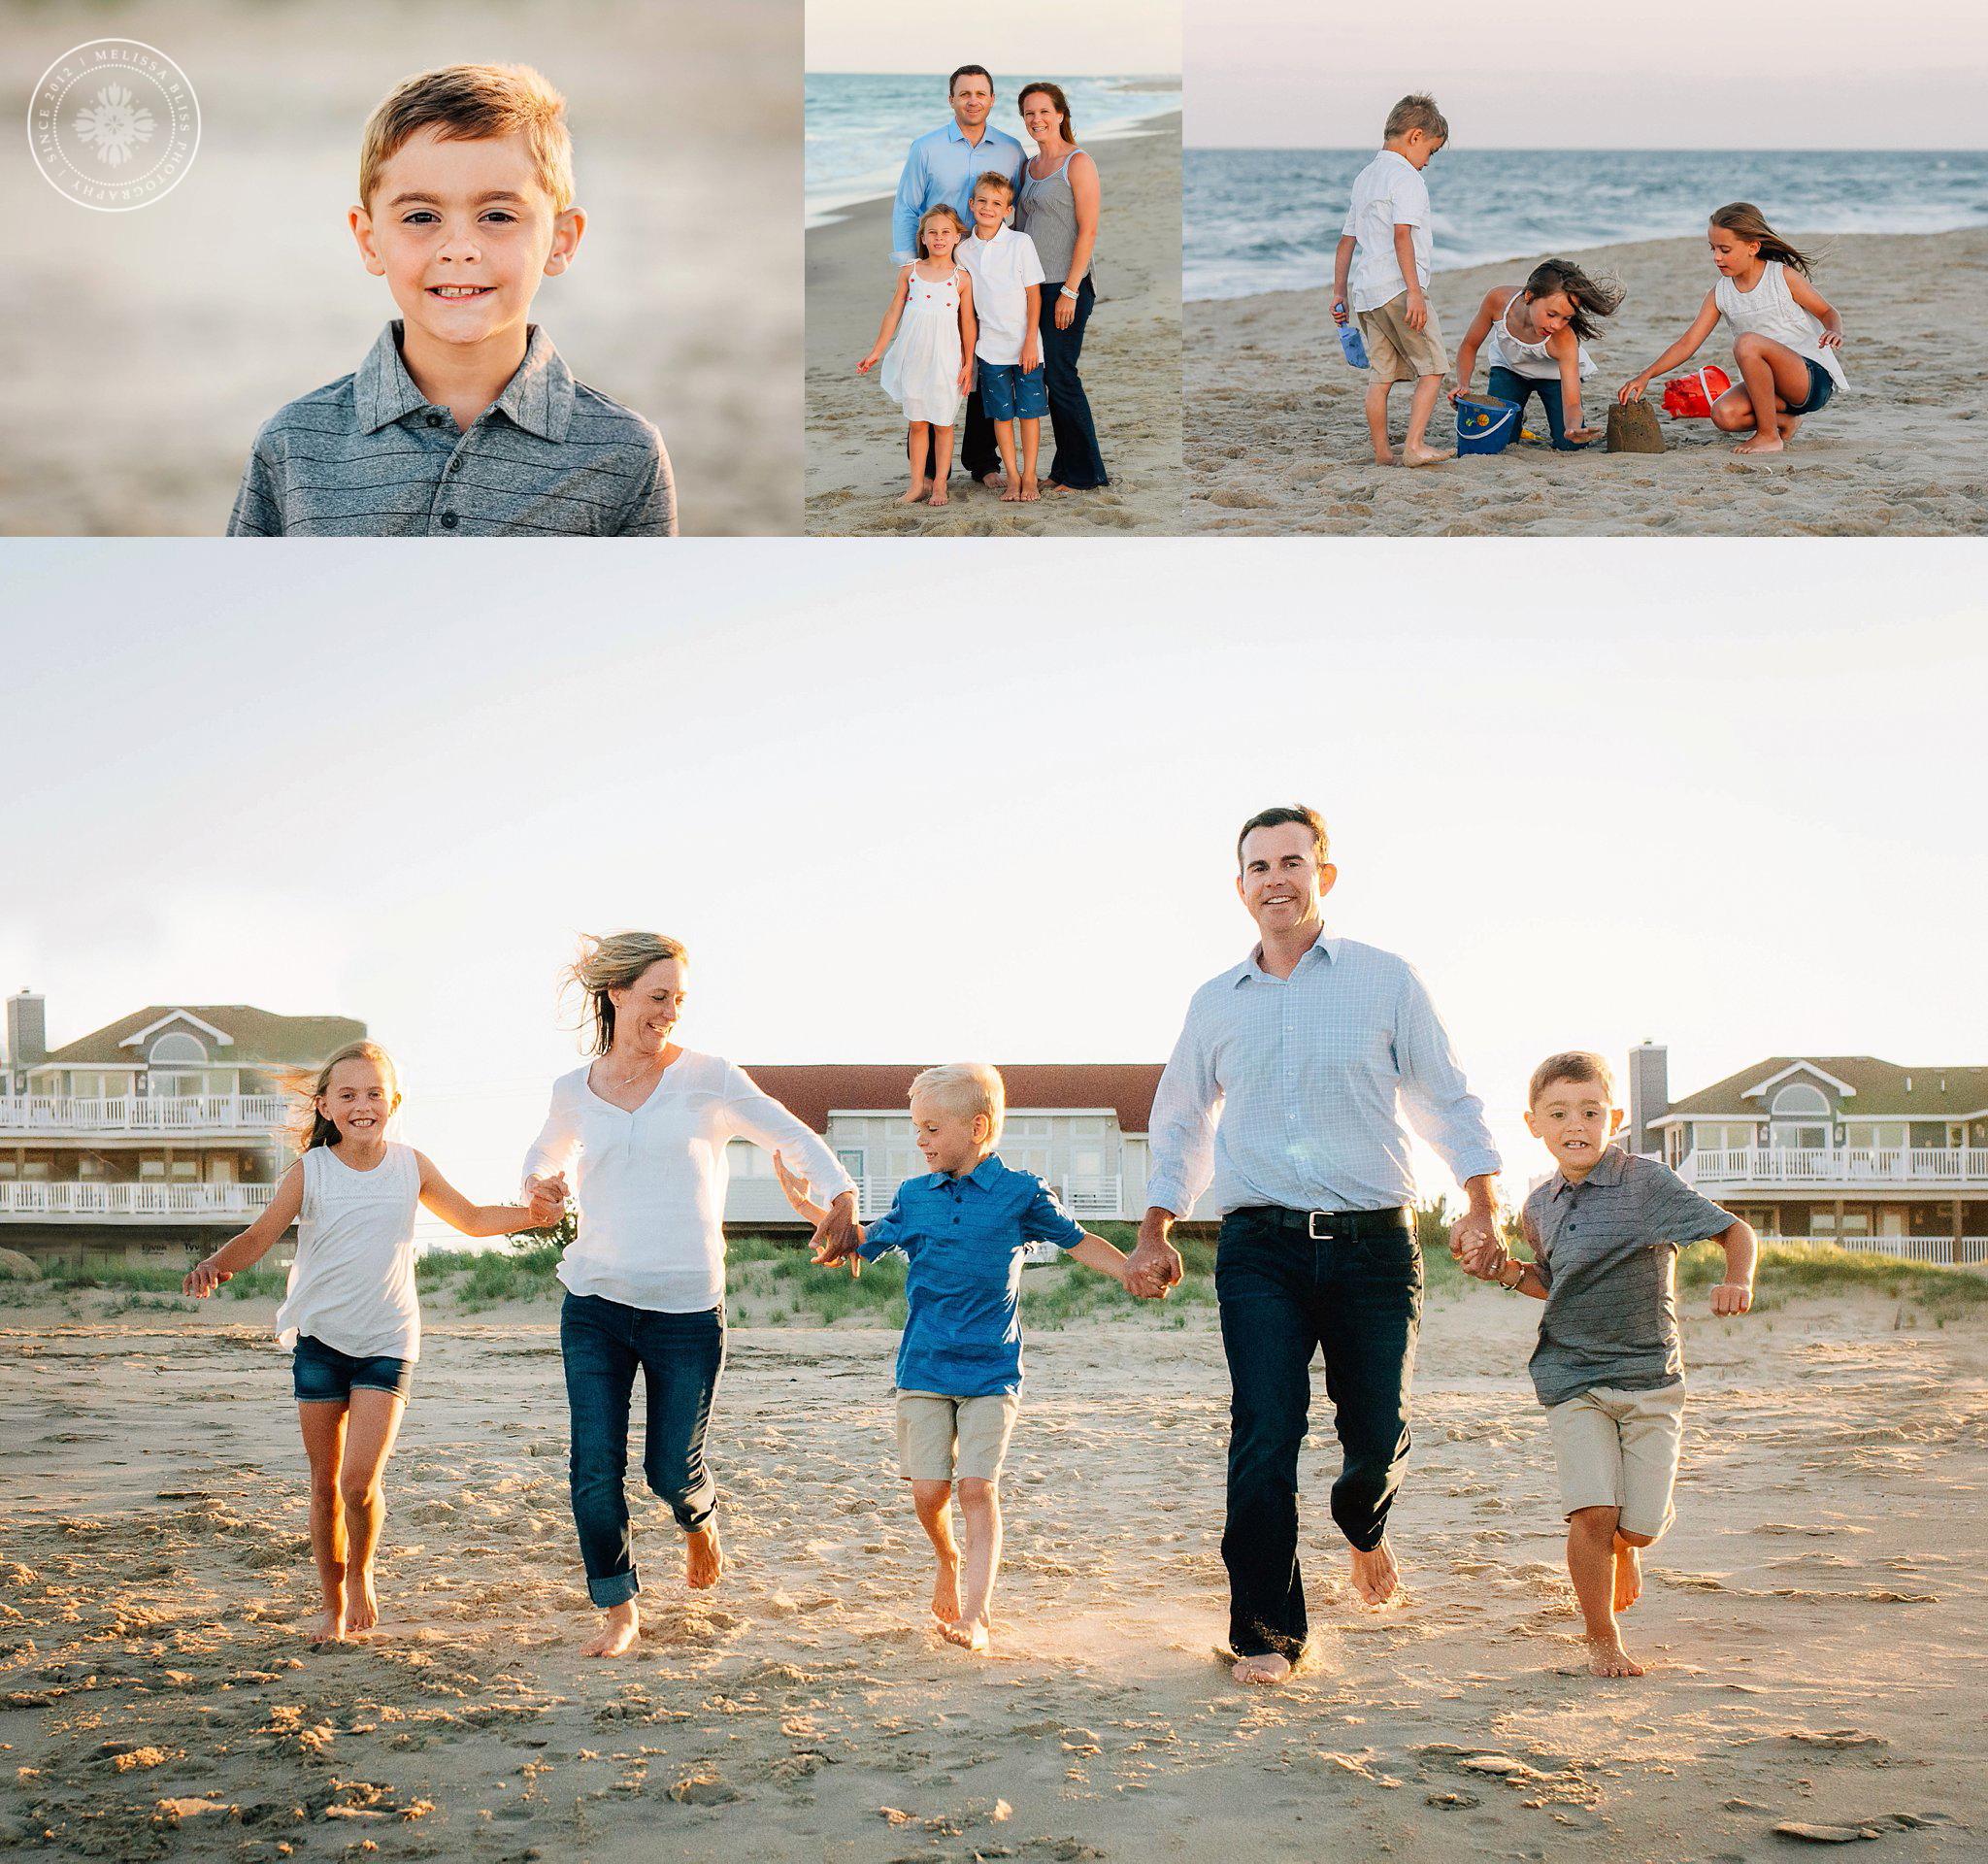 candid-fun-beach-photos-melissa-bliss-photography-virginia-beach-sandbridge-norfolk-family-photographers.jpg